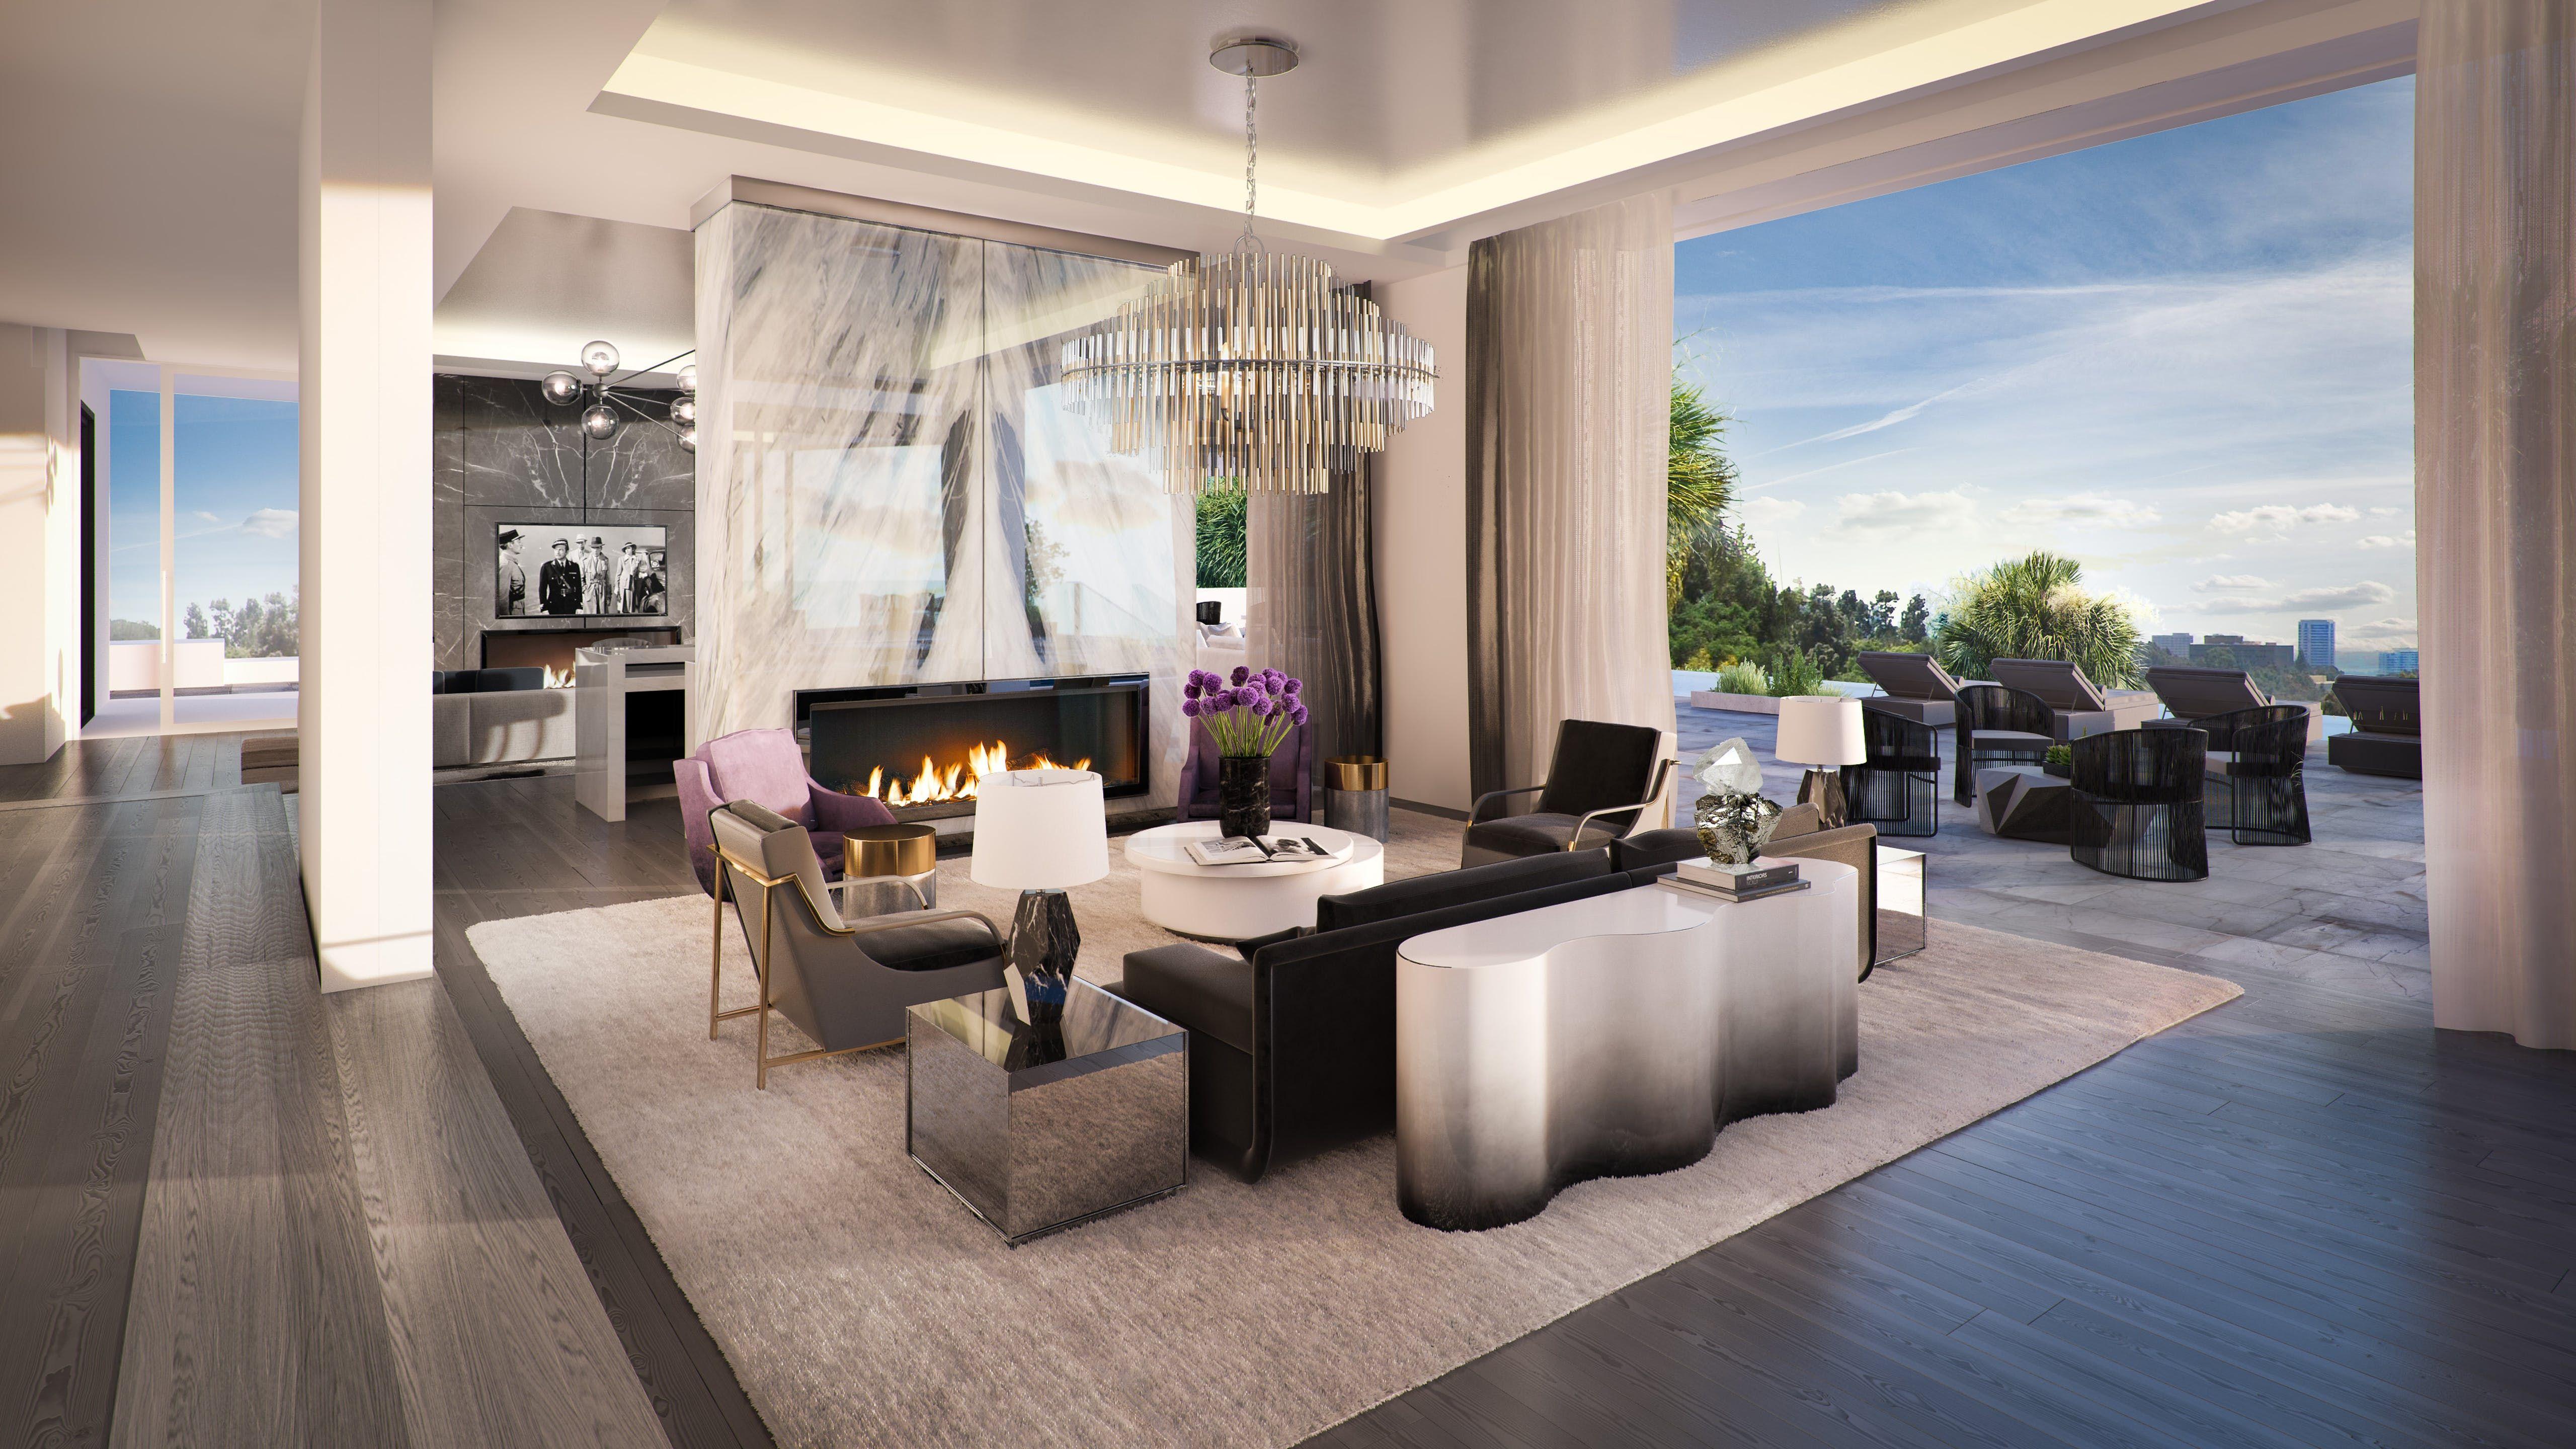 Sfa Design Portfolio Interiors Living 1495578934 1905804